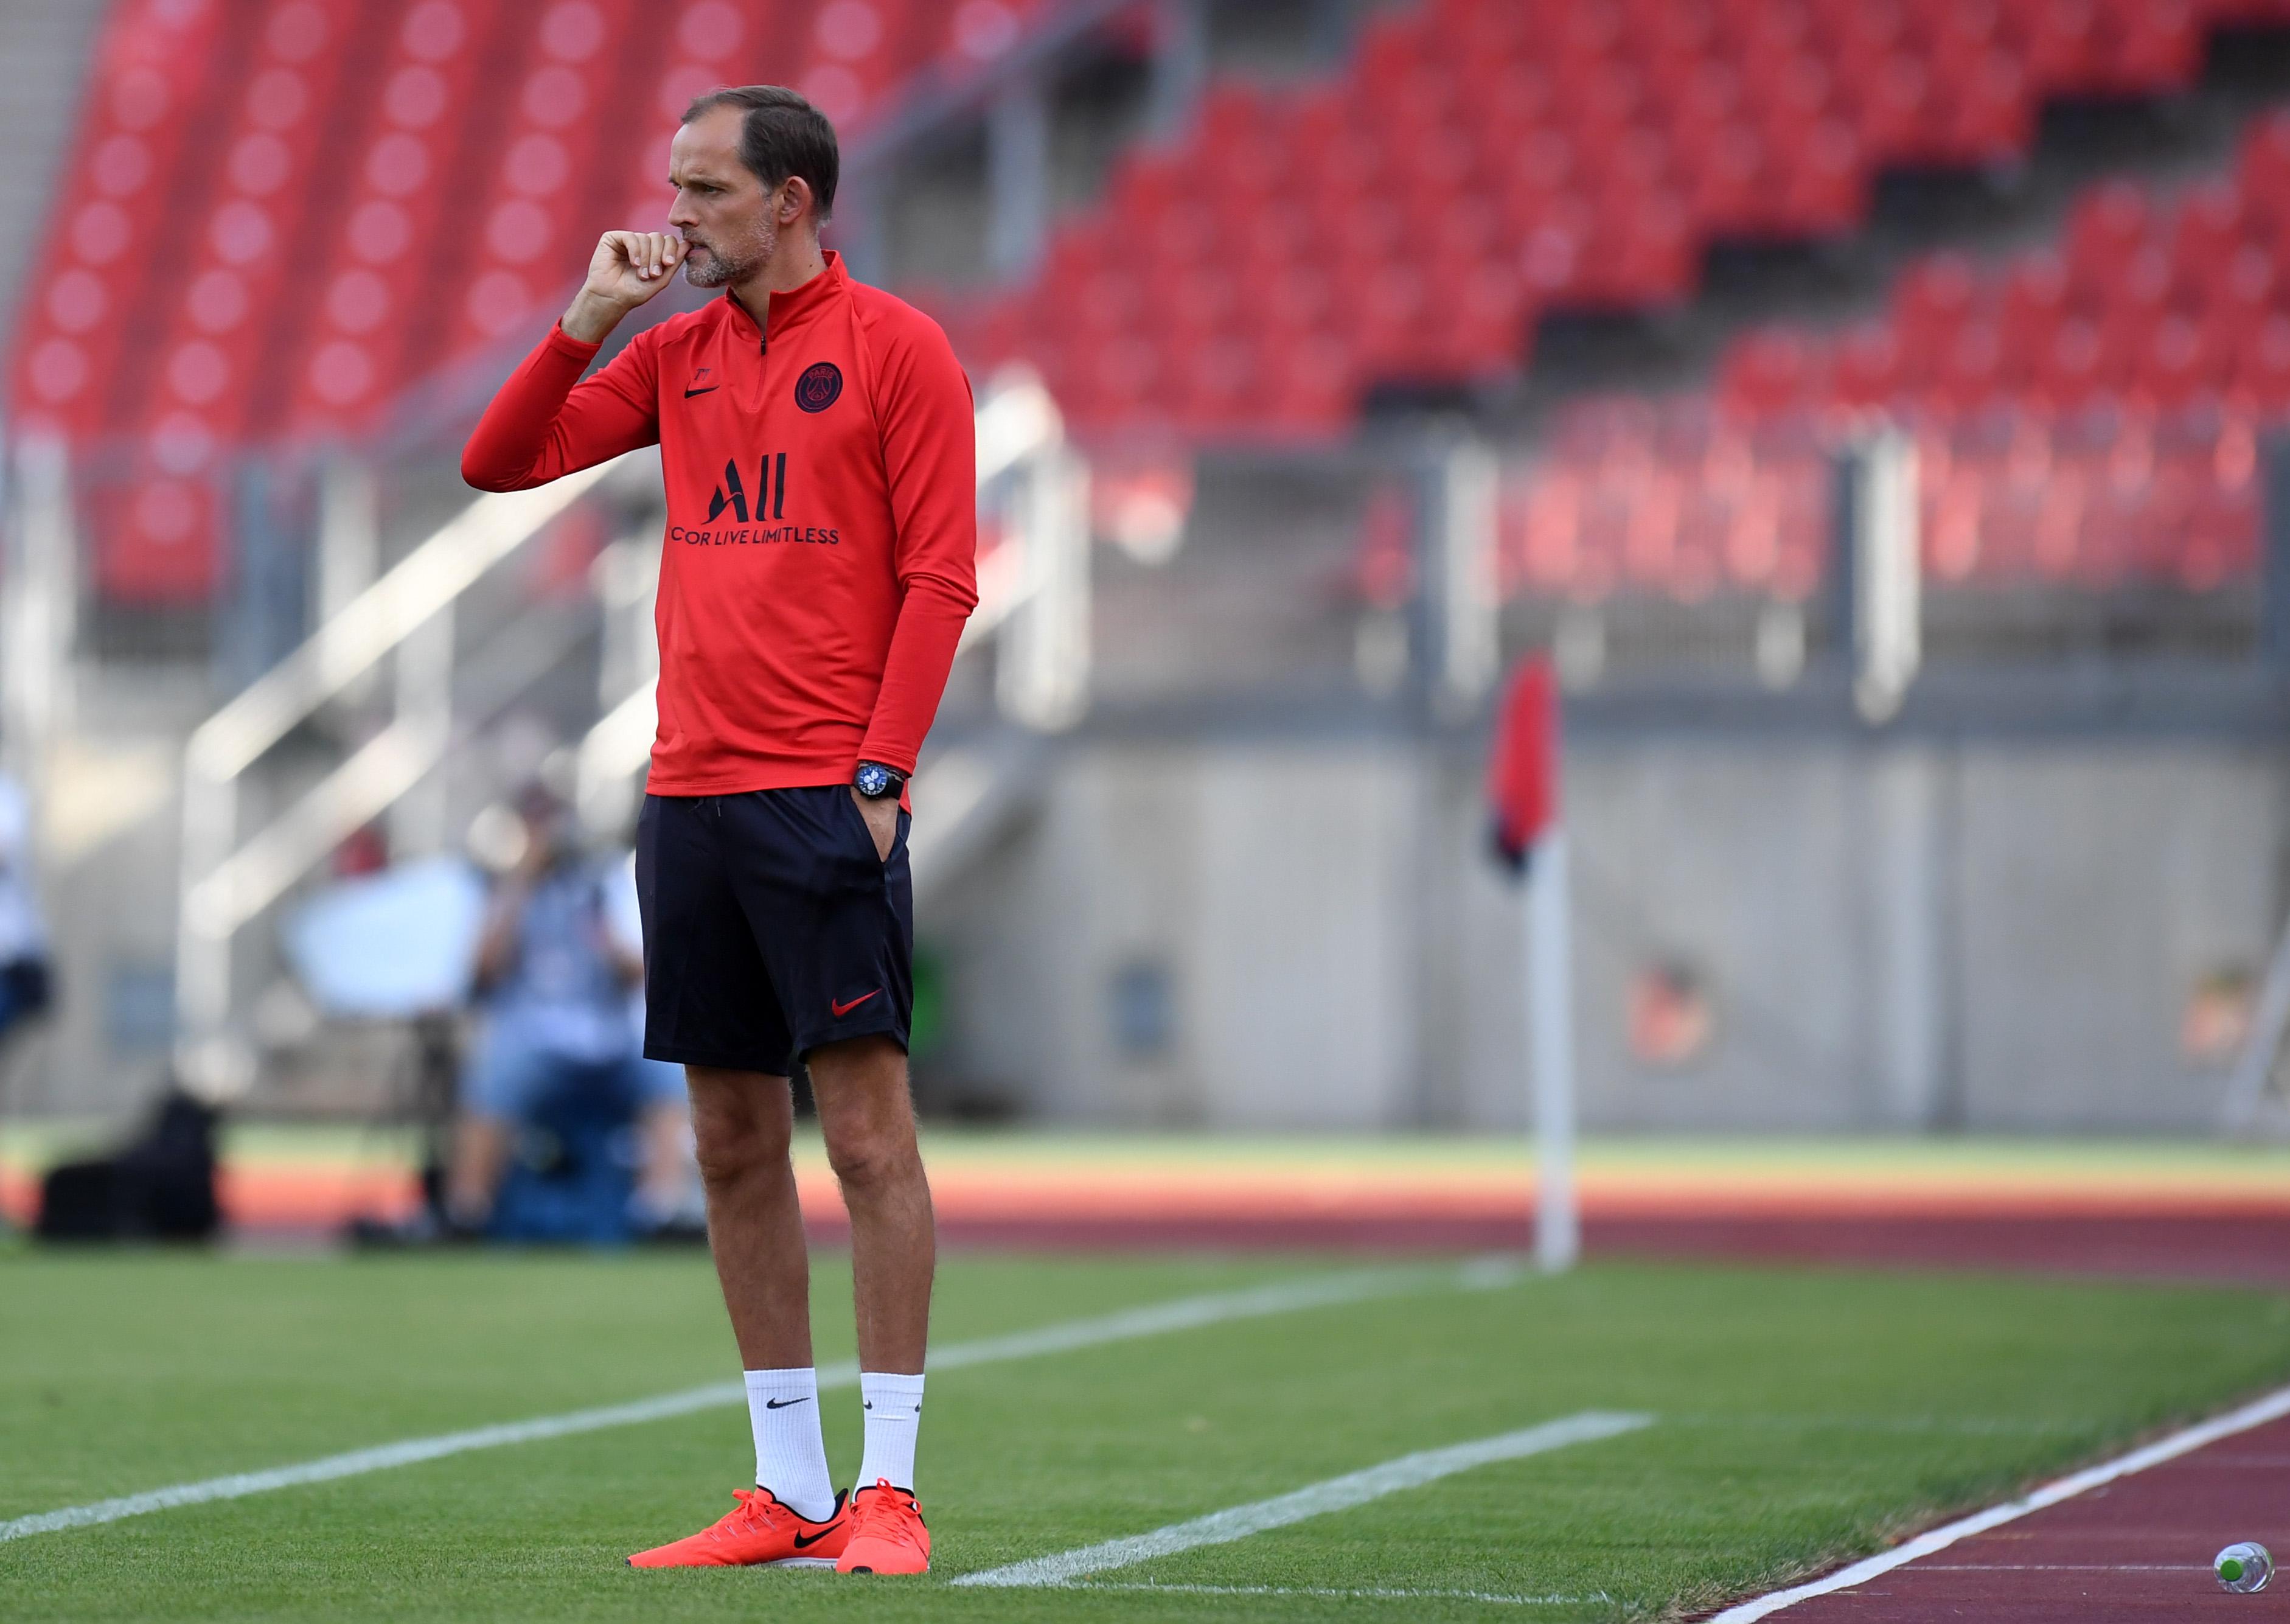 Football - Transferts - Tuchel : «N'importe quel entraîneur voudrait Neymar dans son équipe»